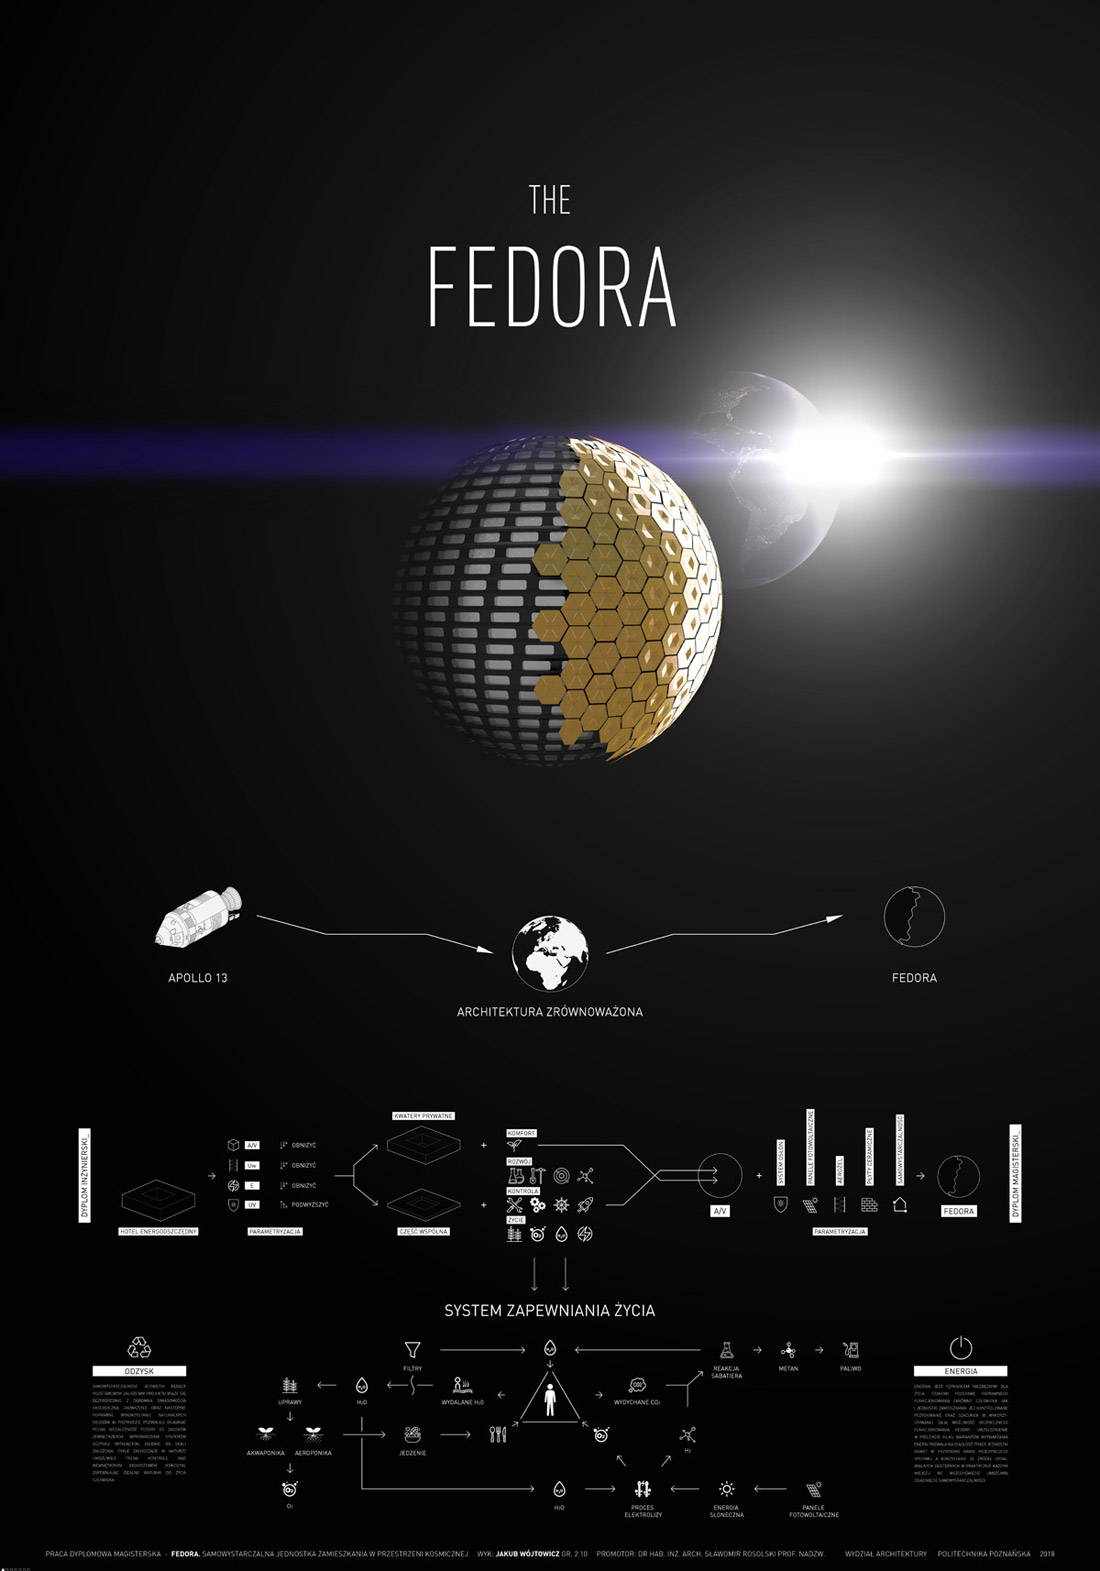 Dyplomy Architektury: FEDORA   Samowystarczalna jednostka zamieszkania w przestrzeni kosmicznej. Autor: Jakub Wójtowicz